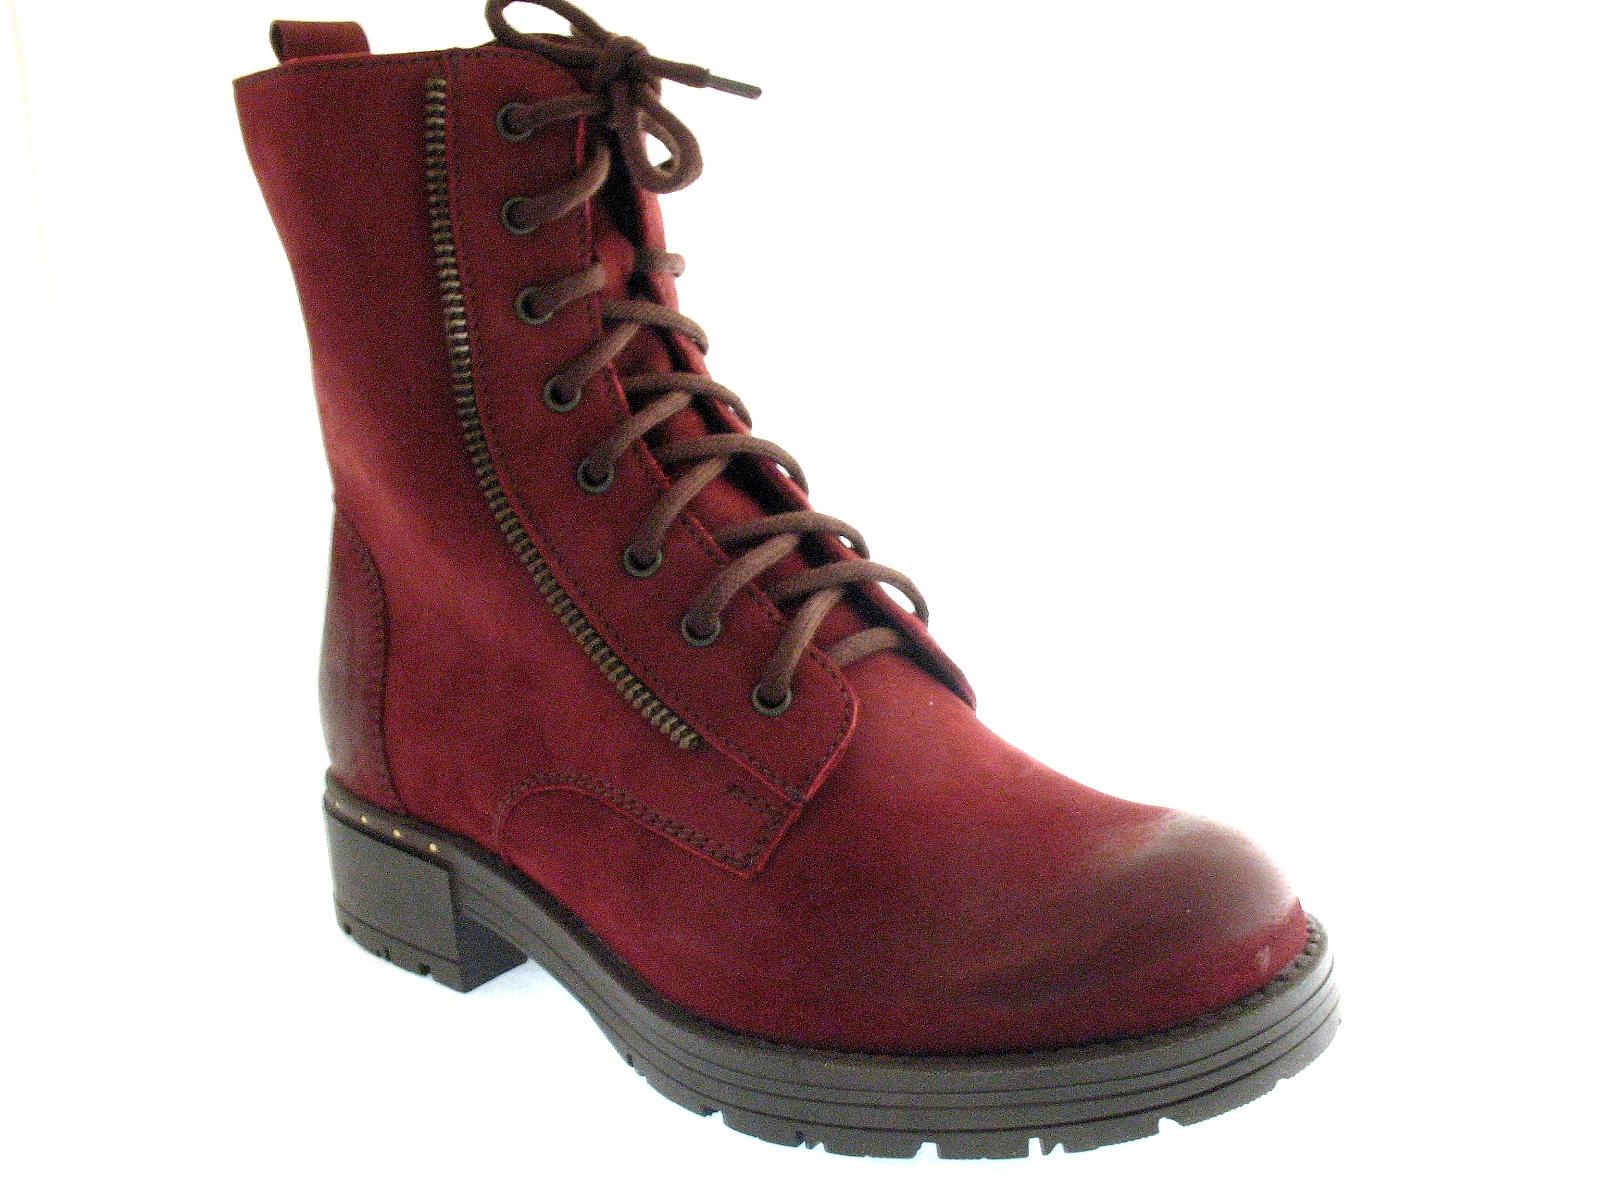 c019f075f0b9c SKÓRZANE trzewiki OCIEPLANE damskie buty STELLA 38 7611742041 - Allegro.pl